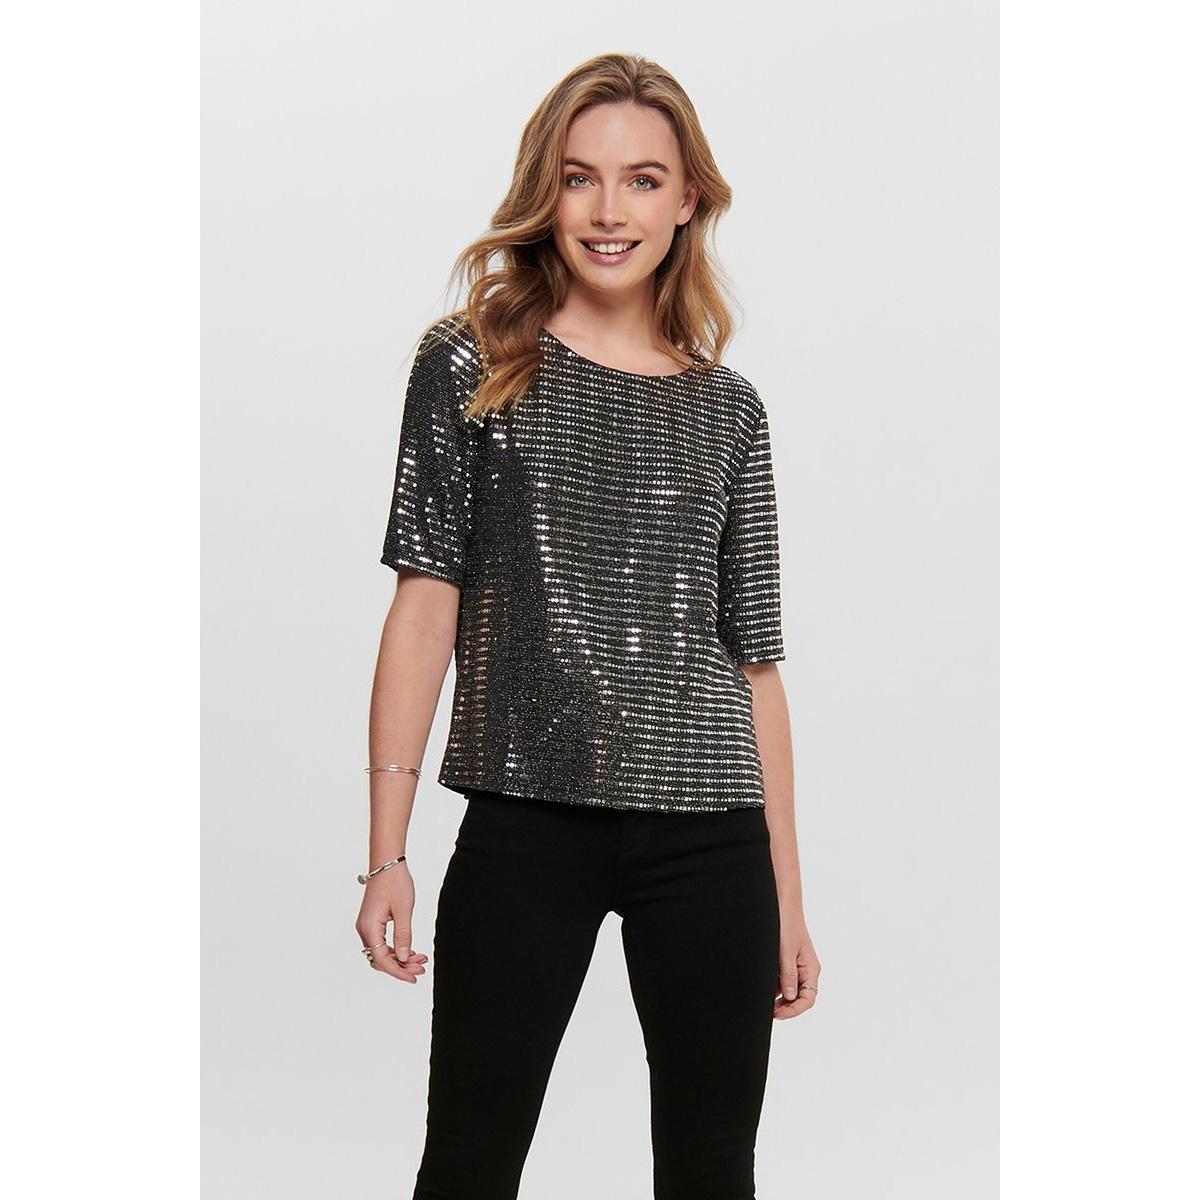 jdypacey s/s top jrs exp 15197042 jacqueline de yong t-shirt black/silver rubber